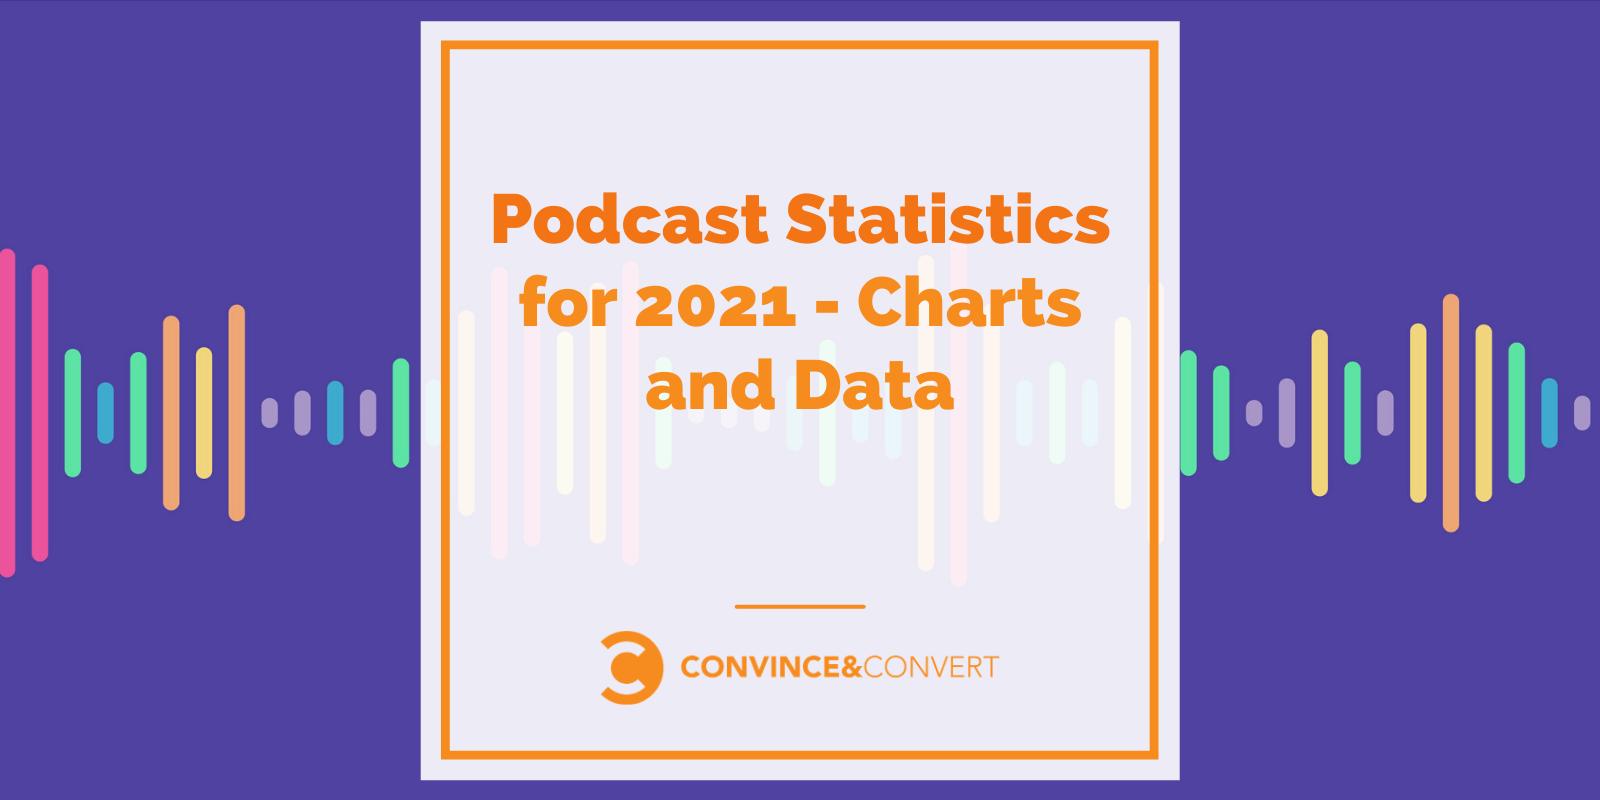 Statistiche podcast per il 2021